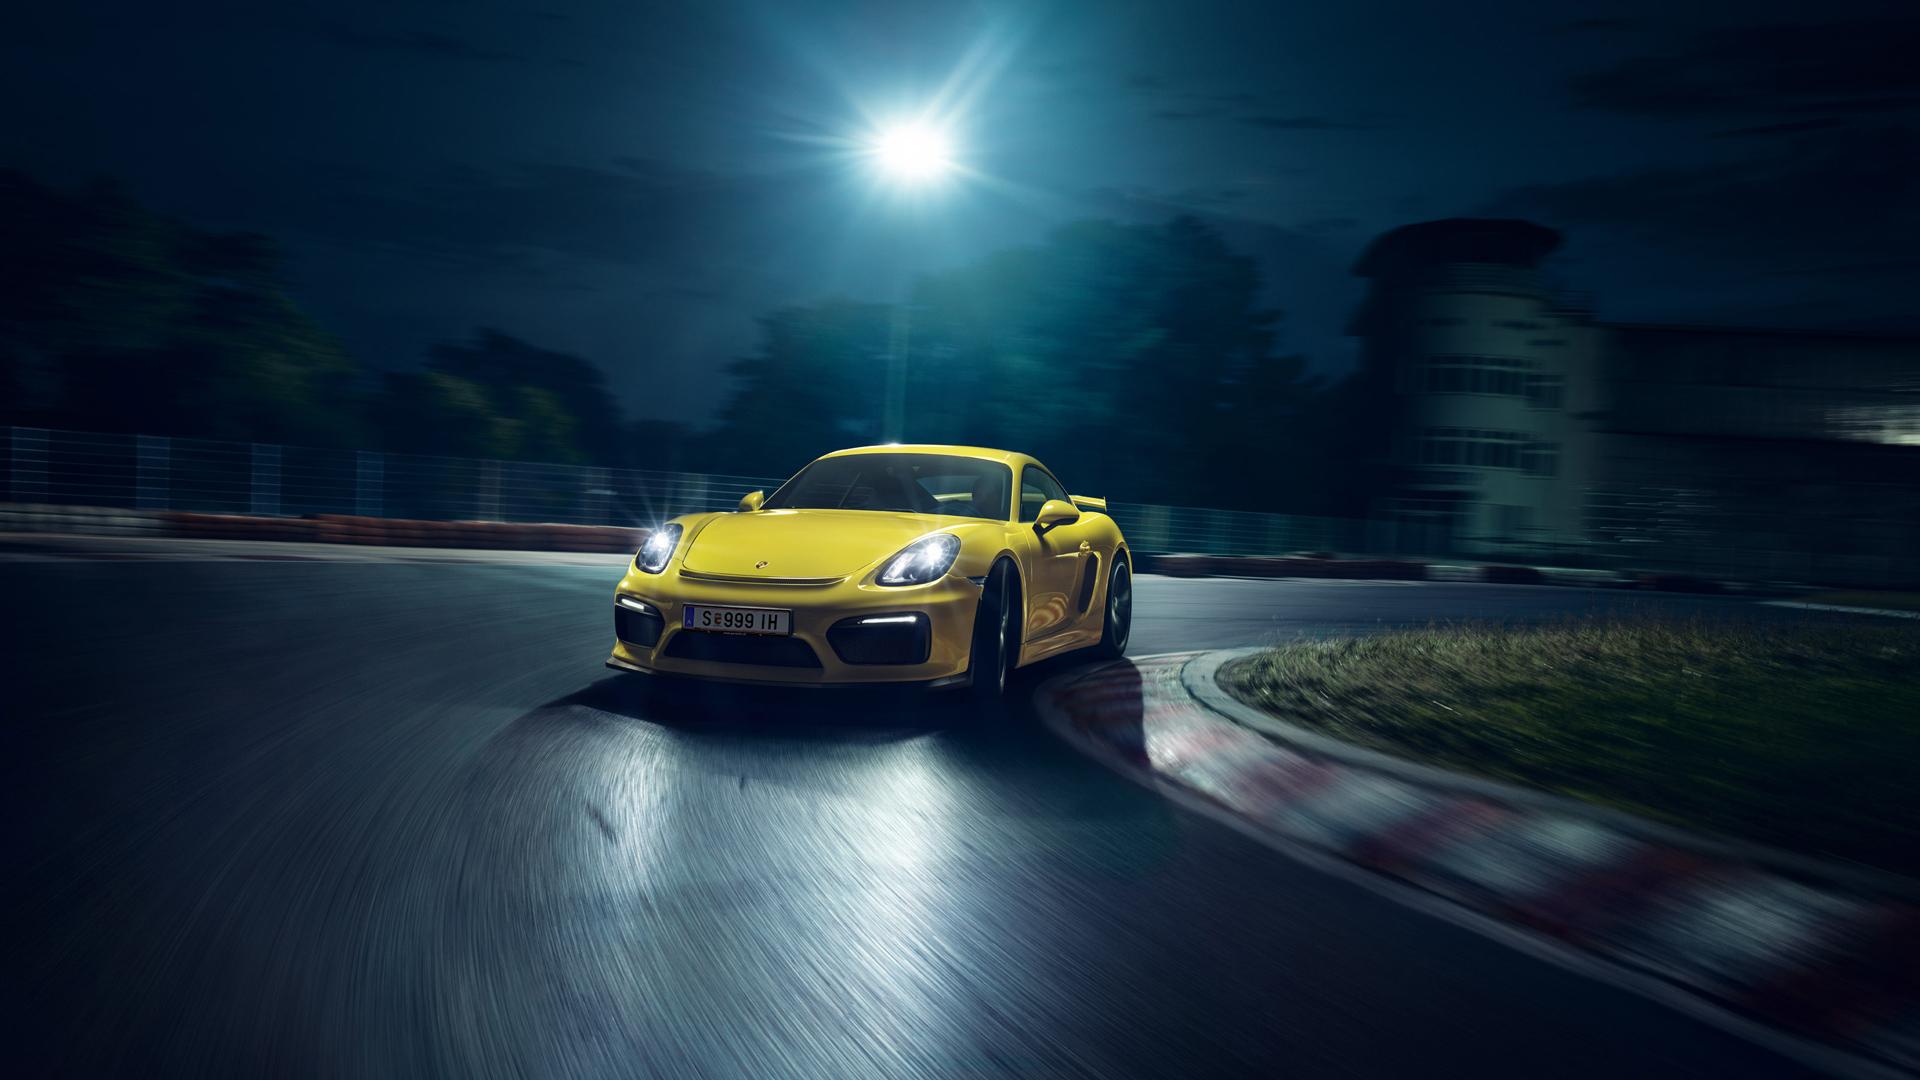 Porsche Cayman GT4 - sur circuit de nuit